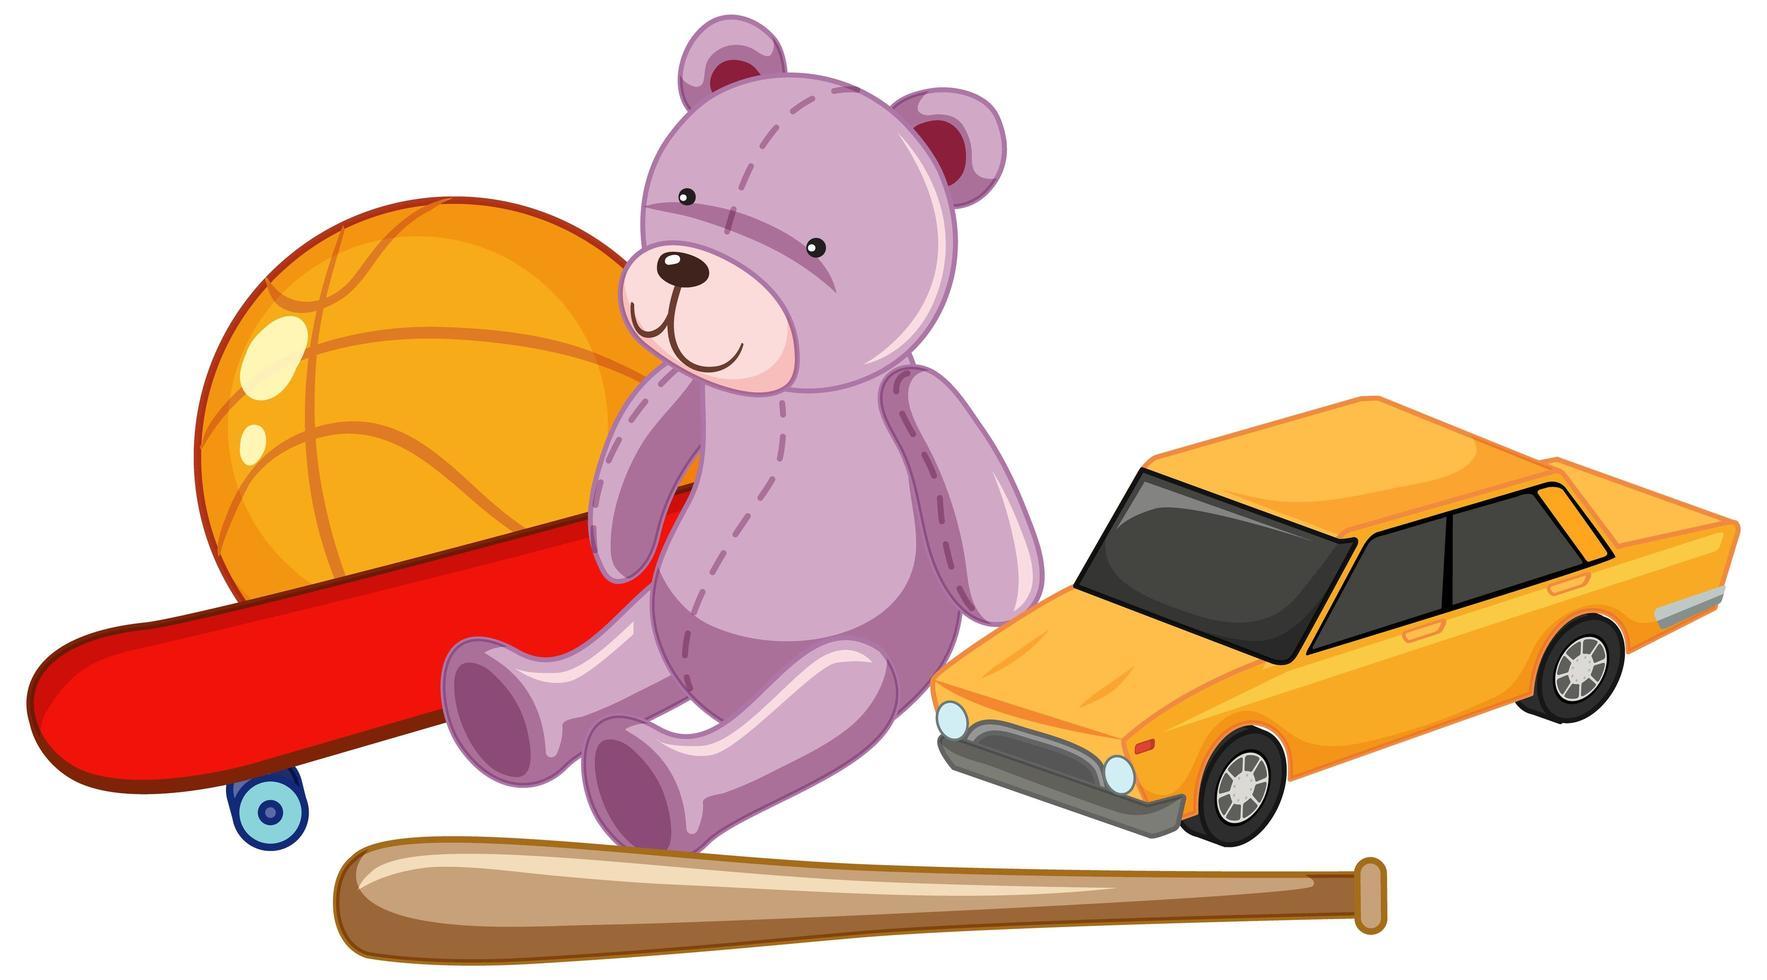 groupe de jouets pour enfants tels que ours en peluche et balle et jouet de voiture vecteur